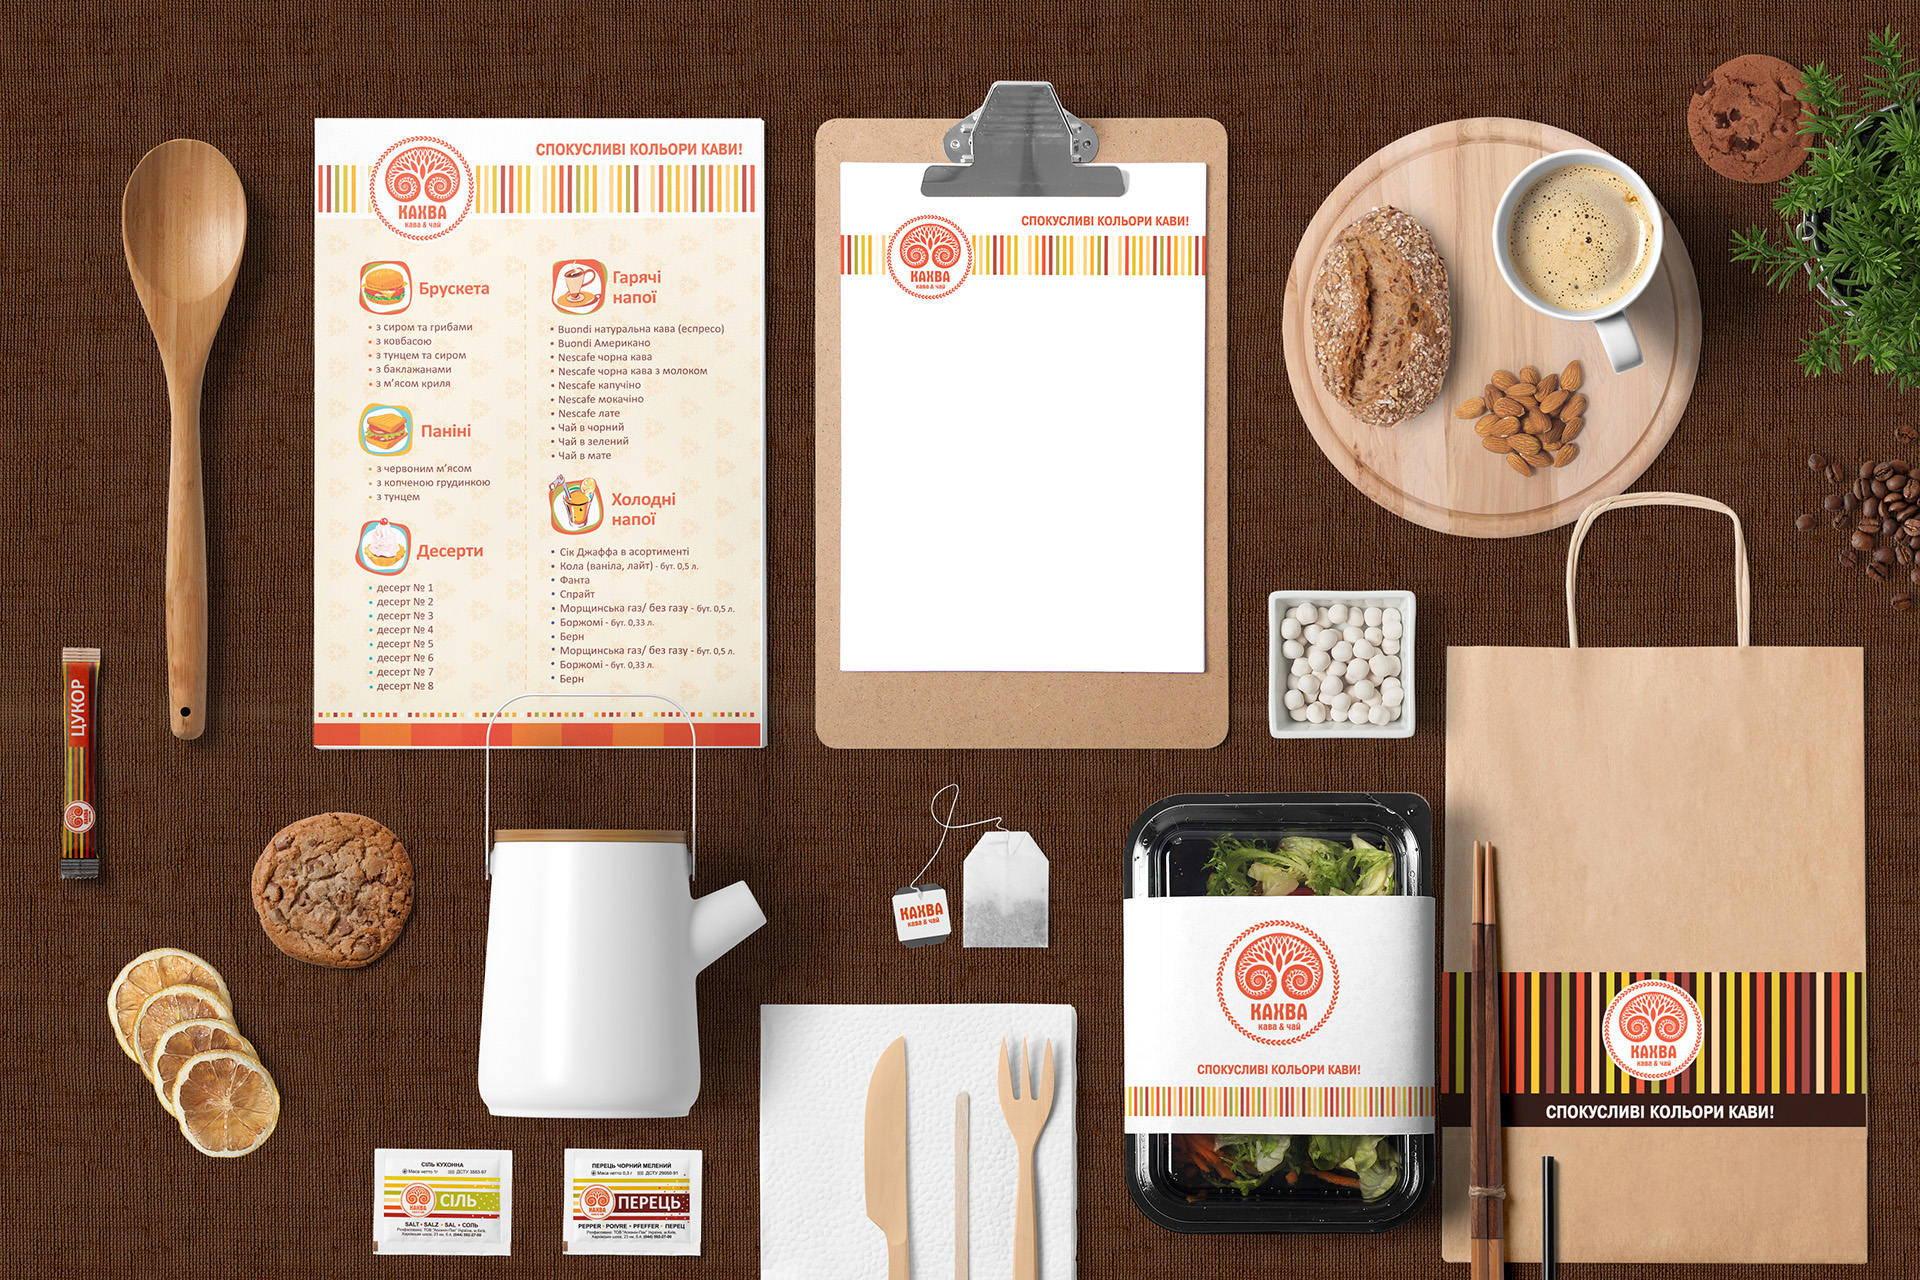 Брендбук кафе, Cafe brandbook